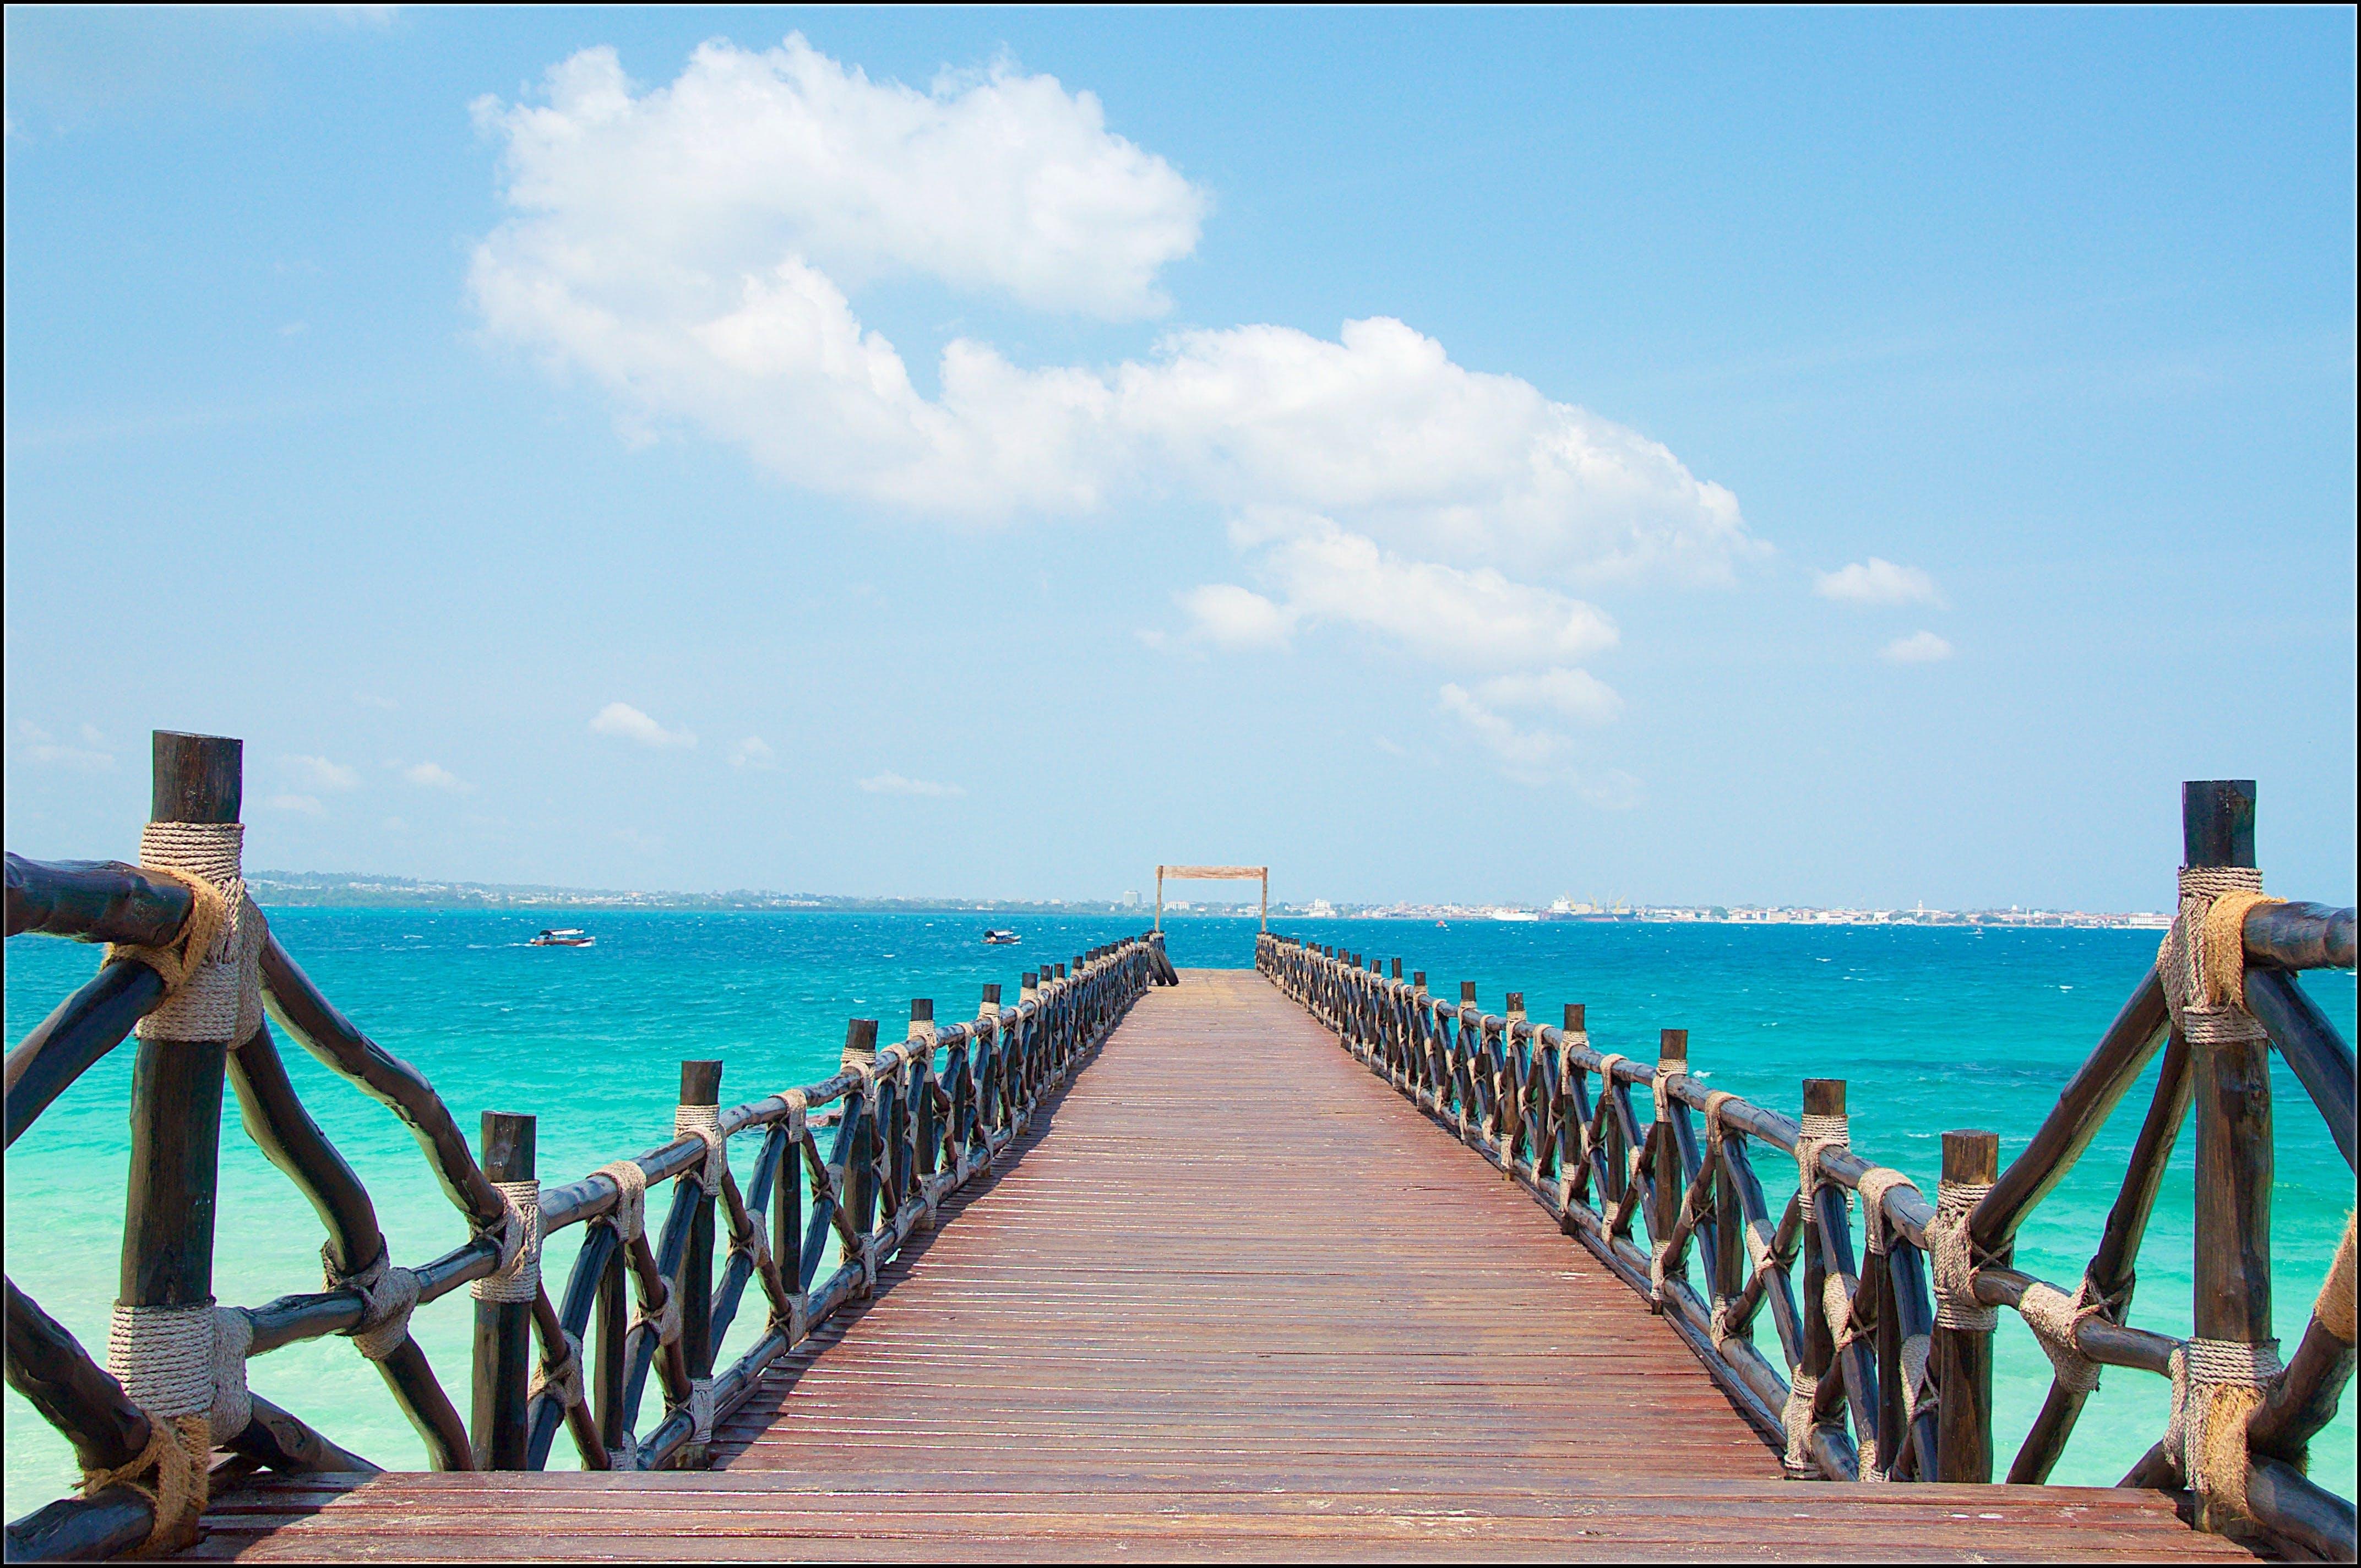 bamboo, beach, boardwalk